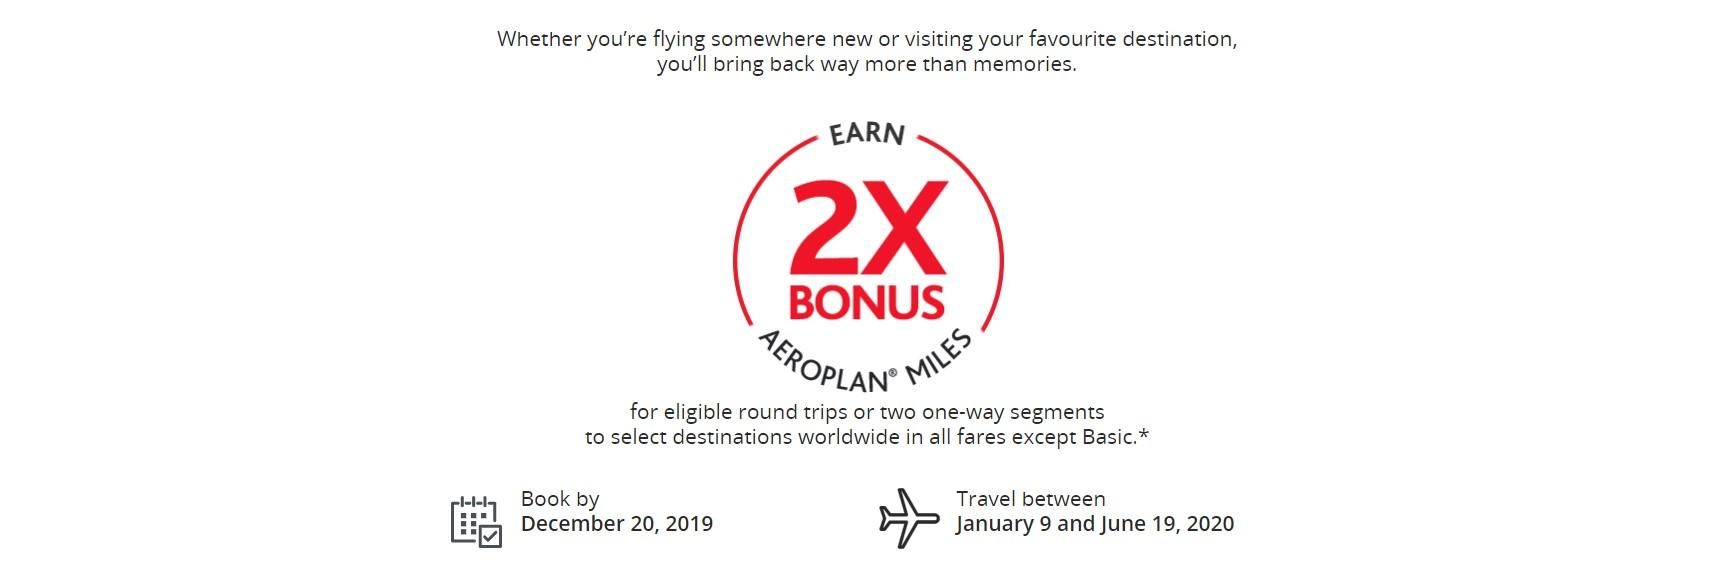 В два раза больше миль Air Canada Aeroplan